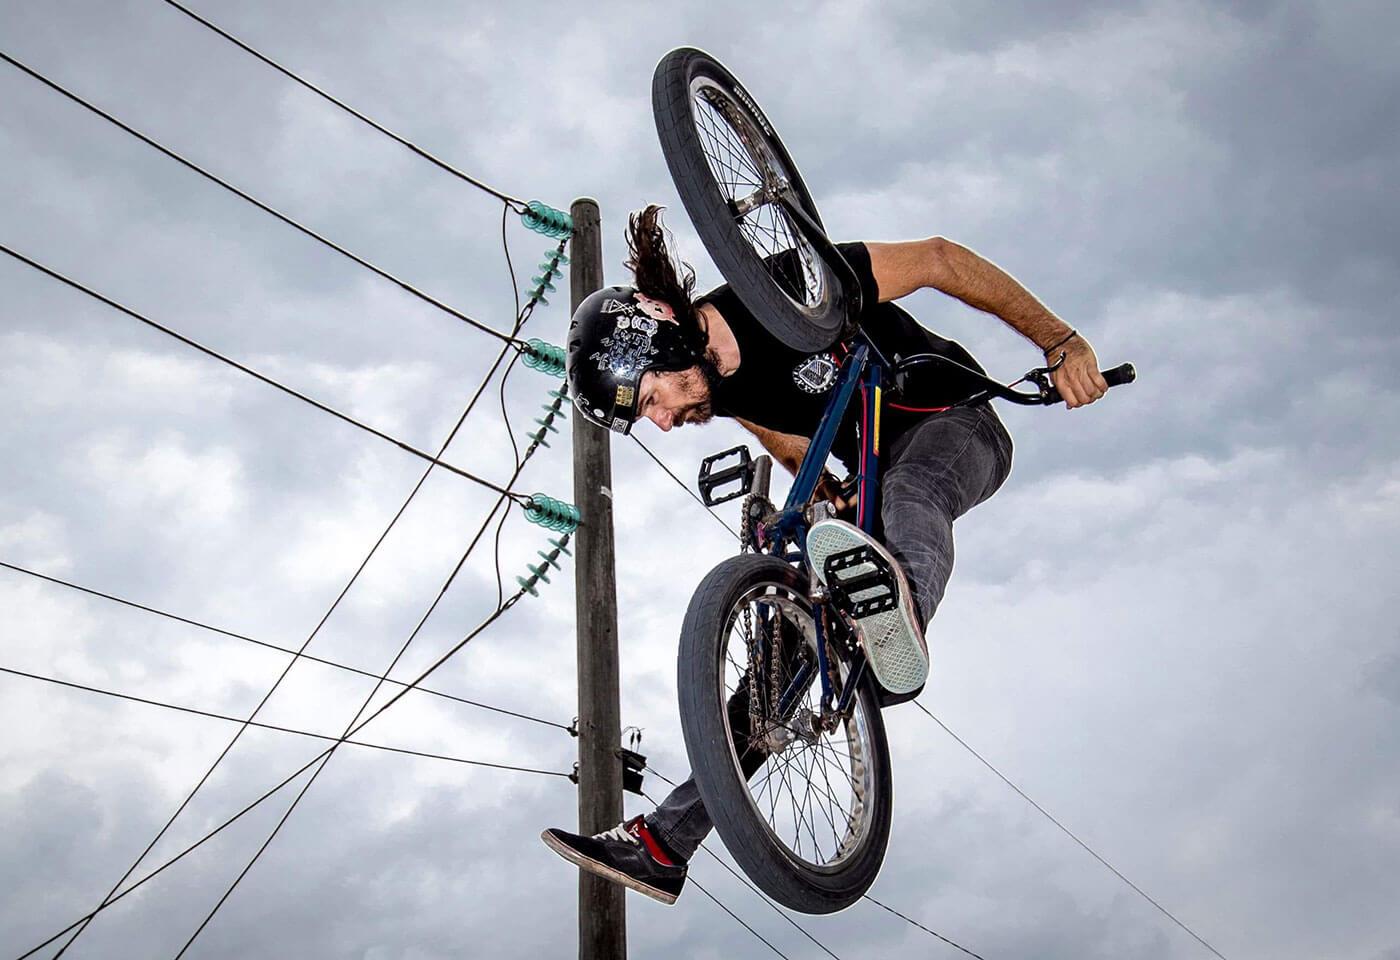 BMX biker doing tricks